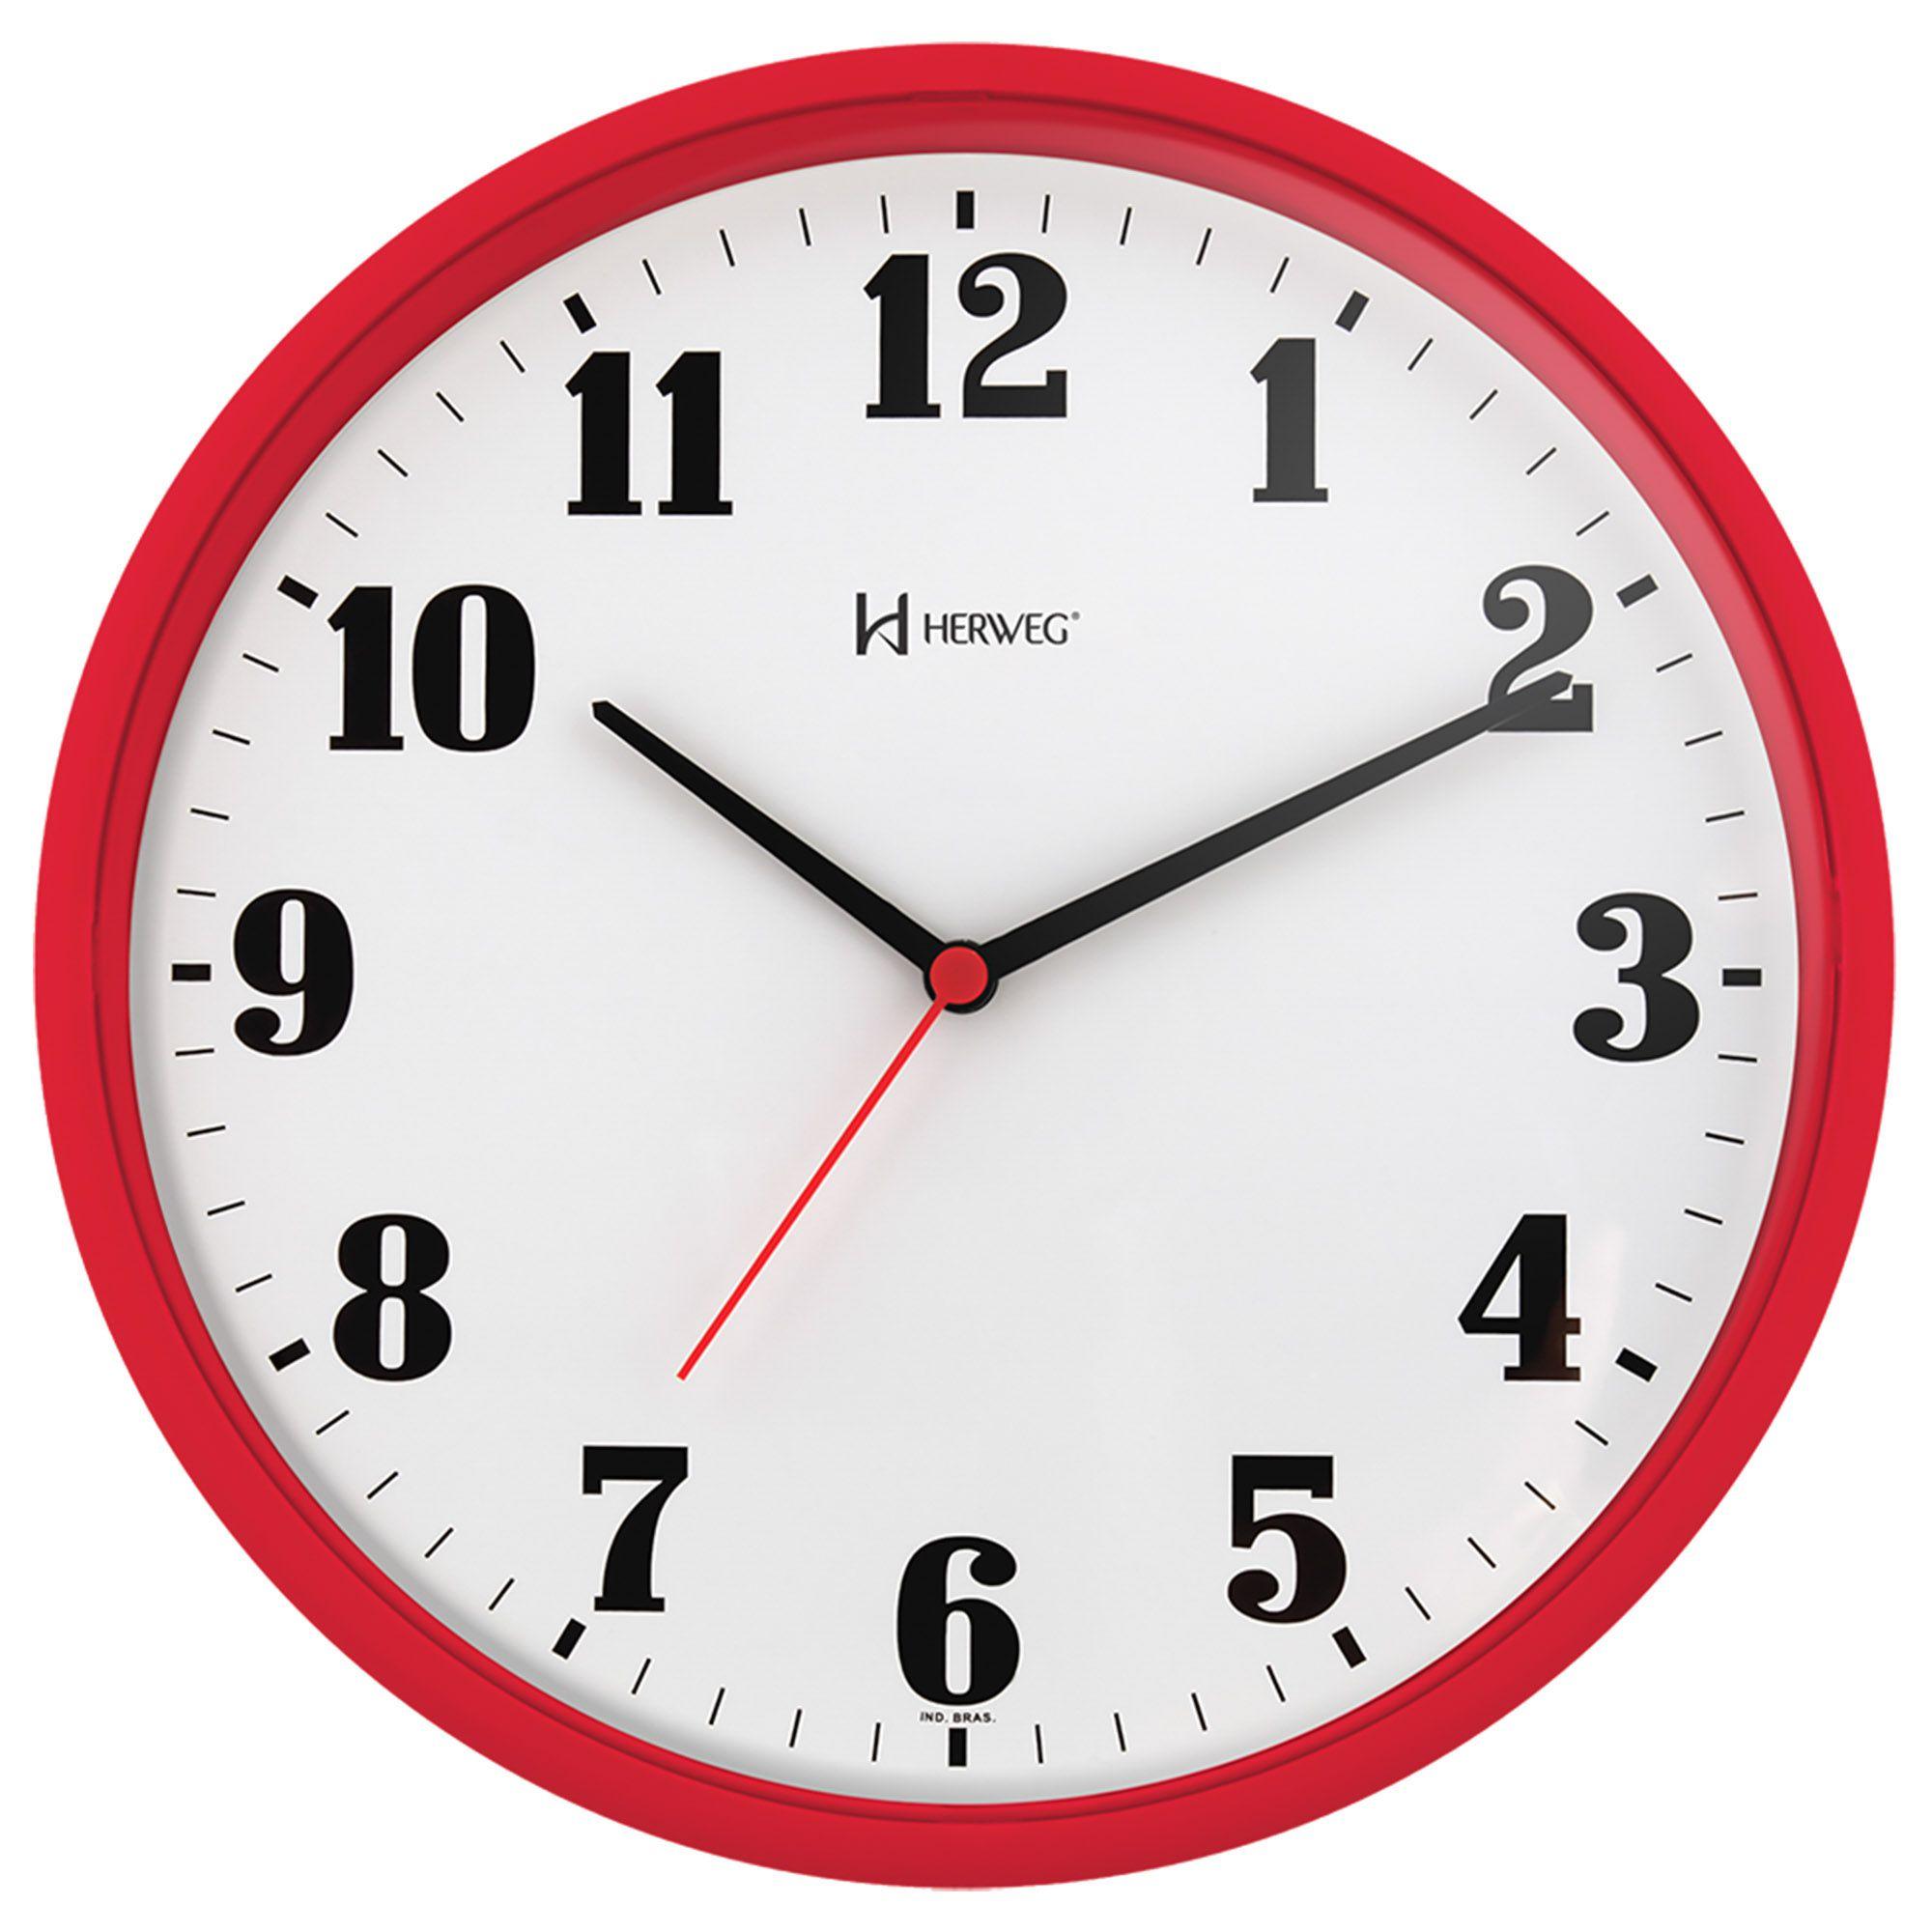 Relógio de Parede Analógico Herweg 6126 269 Vermelho Pantone